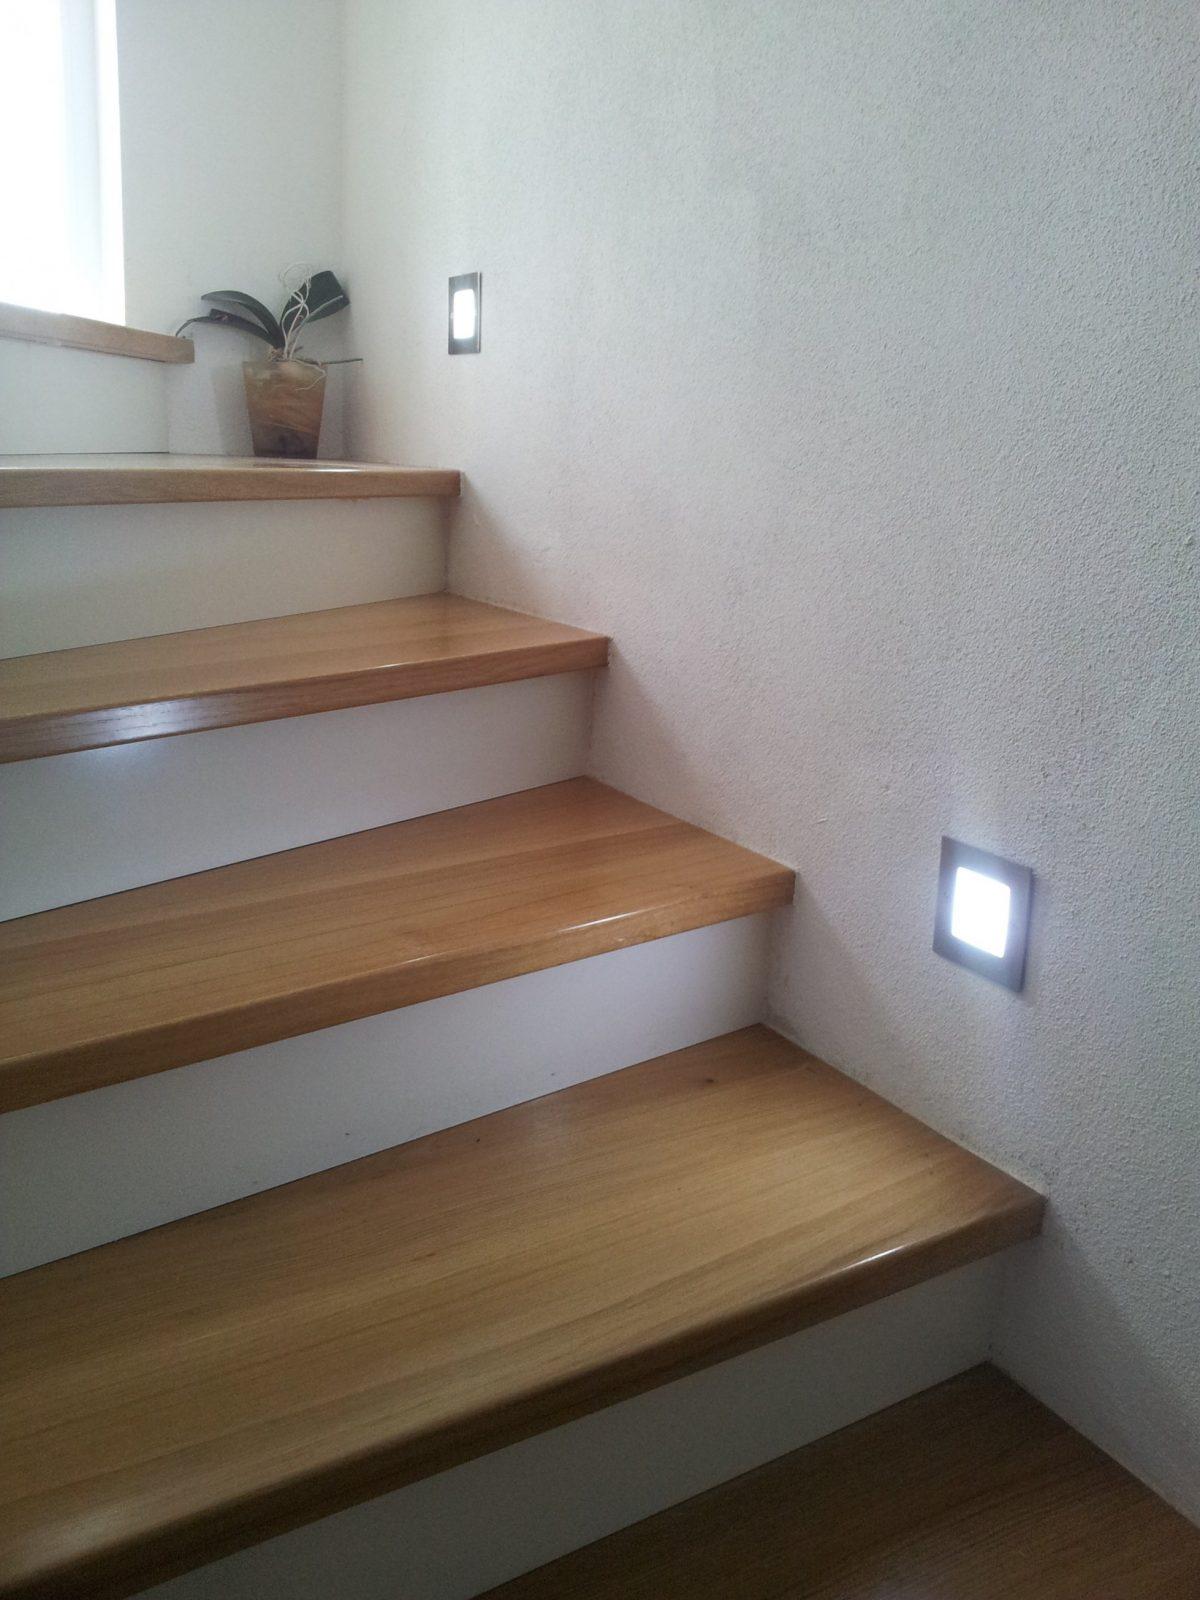 Led Treppenbeleuchtung  Led Flurbeleuchtung  Led Orientierungslicht von Flur Und Treppenbeleuchtung Mit Bewegungsmelder Bild